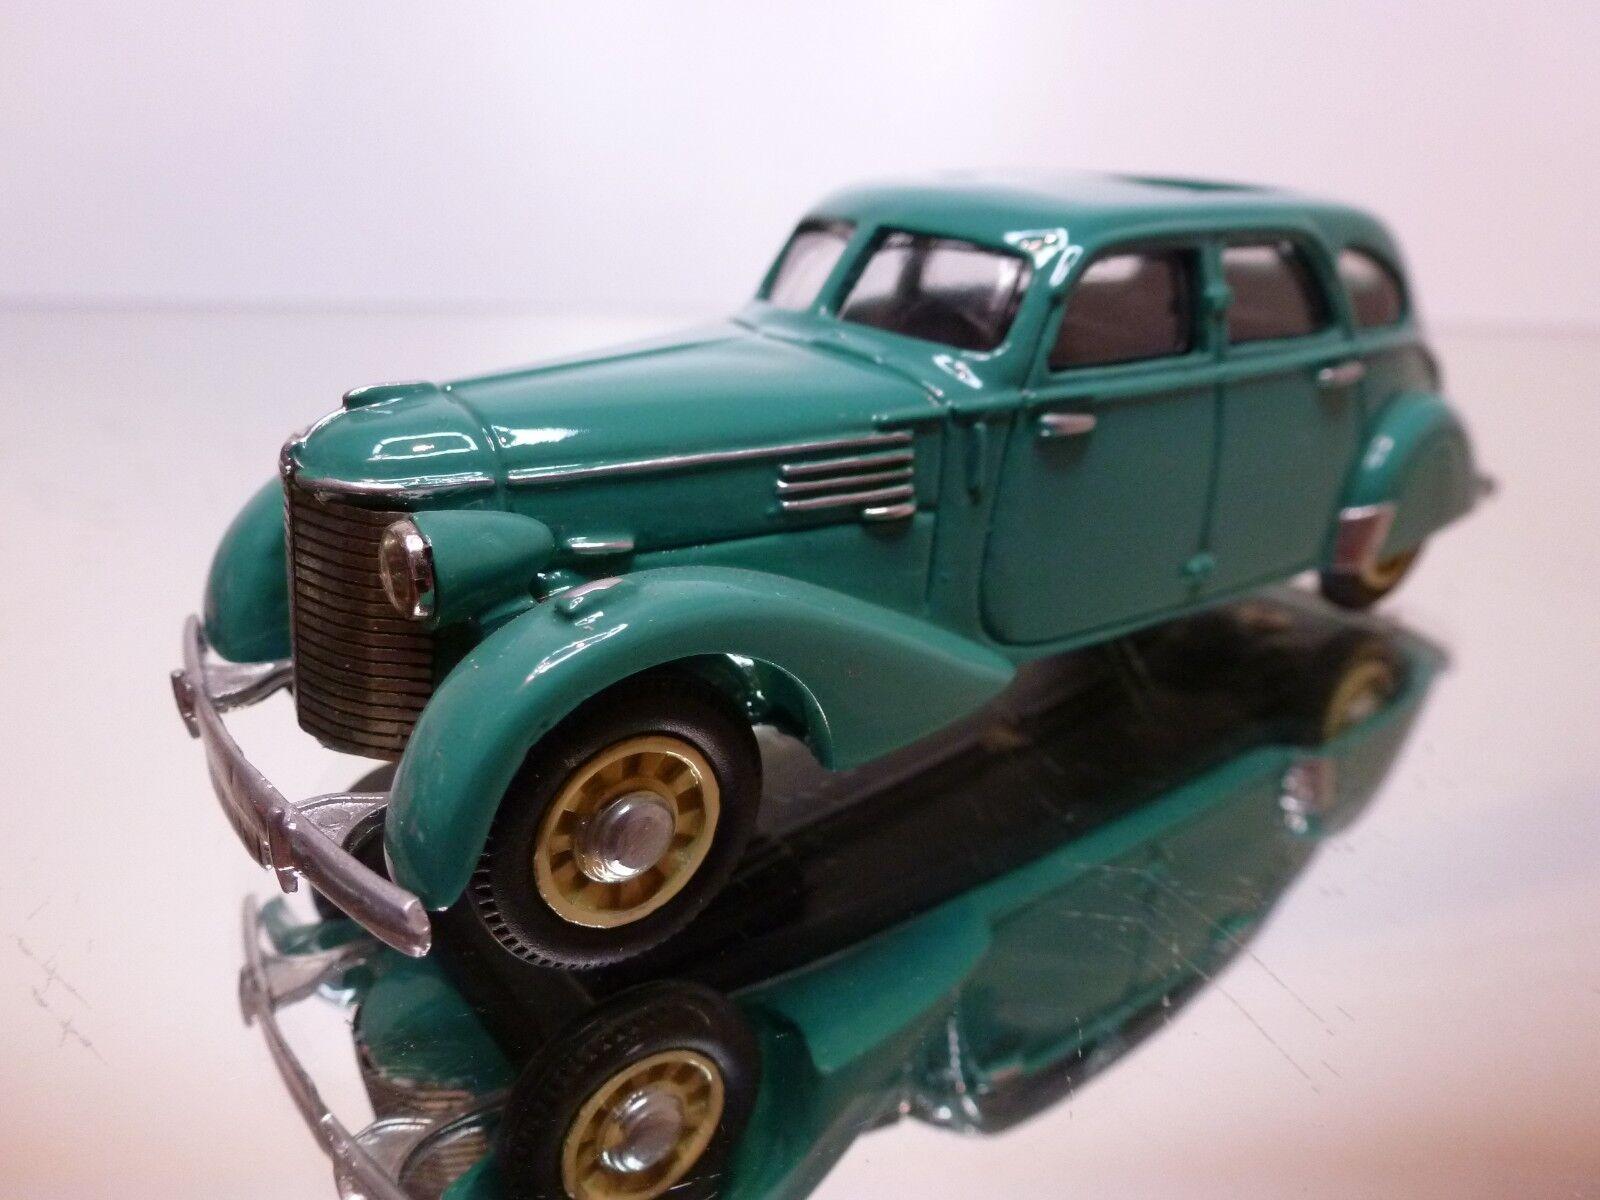 MINIROUTE 74 BERLIET DAUPHINE 1939 1939 1939 - verde 1:43 - EXCELLENT - 17/16 21f9bd